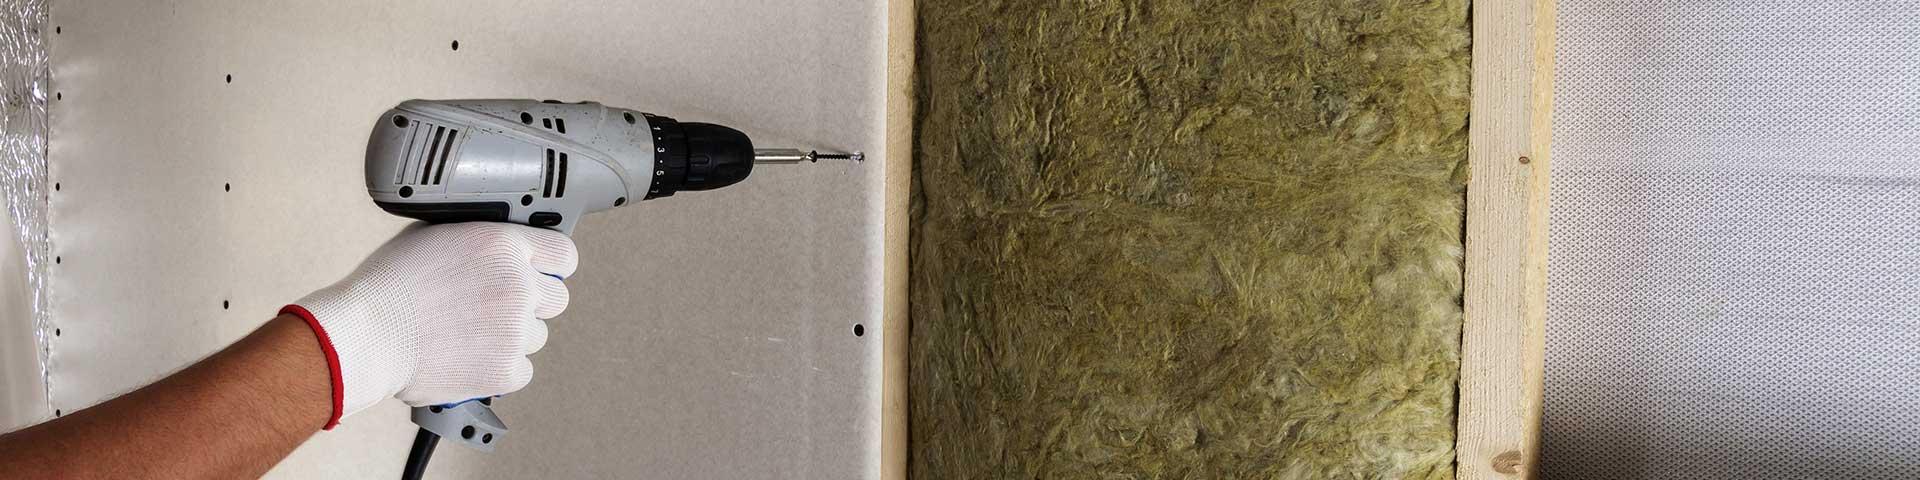 pracownik mocuje elektrycznym śrubokrętem płyty gipsowo-kartonowe